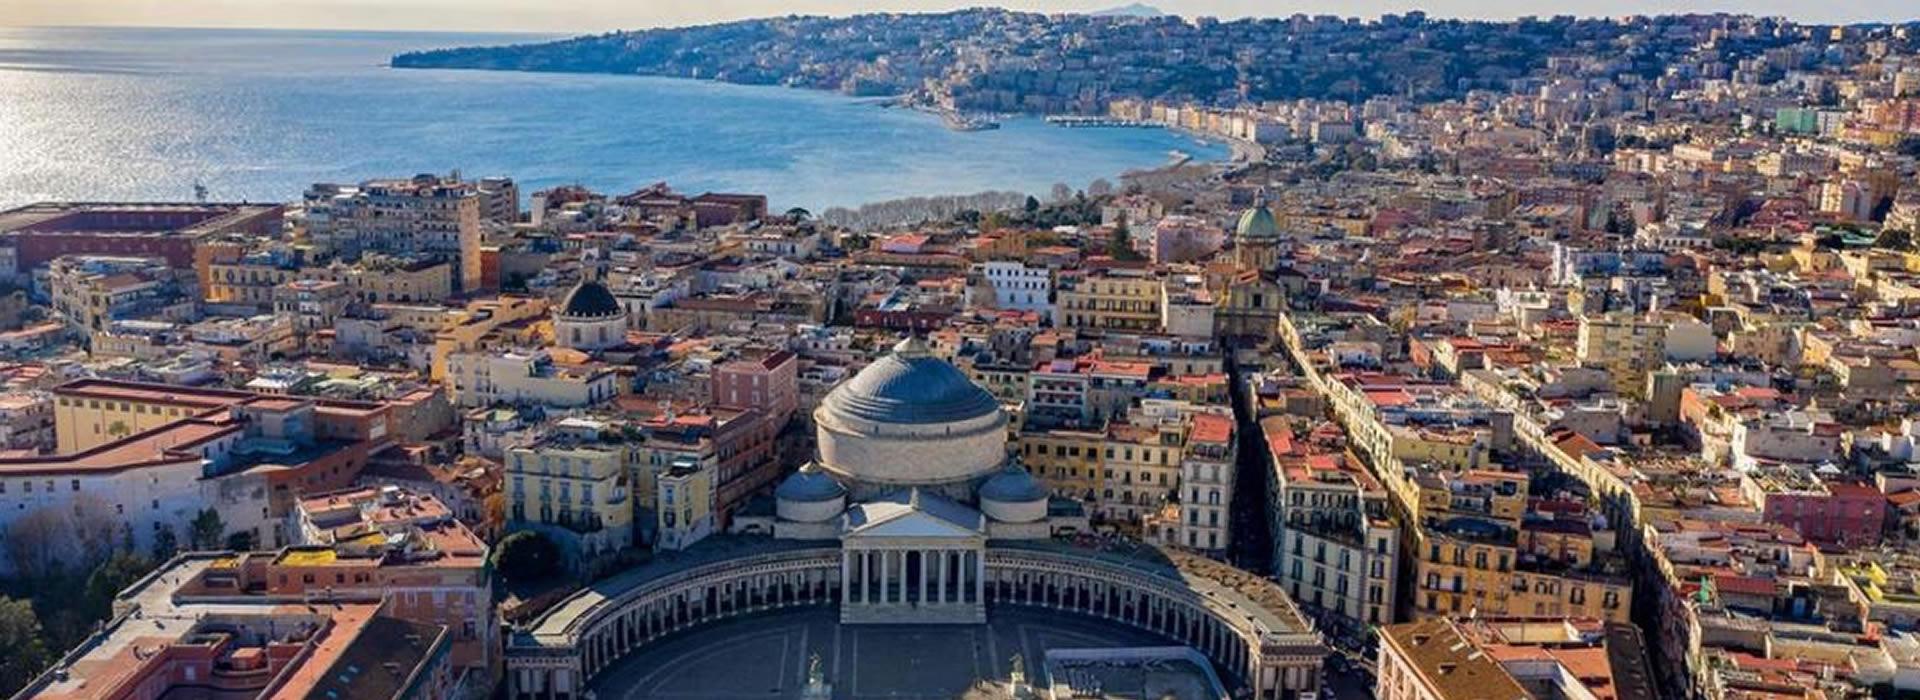 Tour panoramico di Napoli - da Pompei